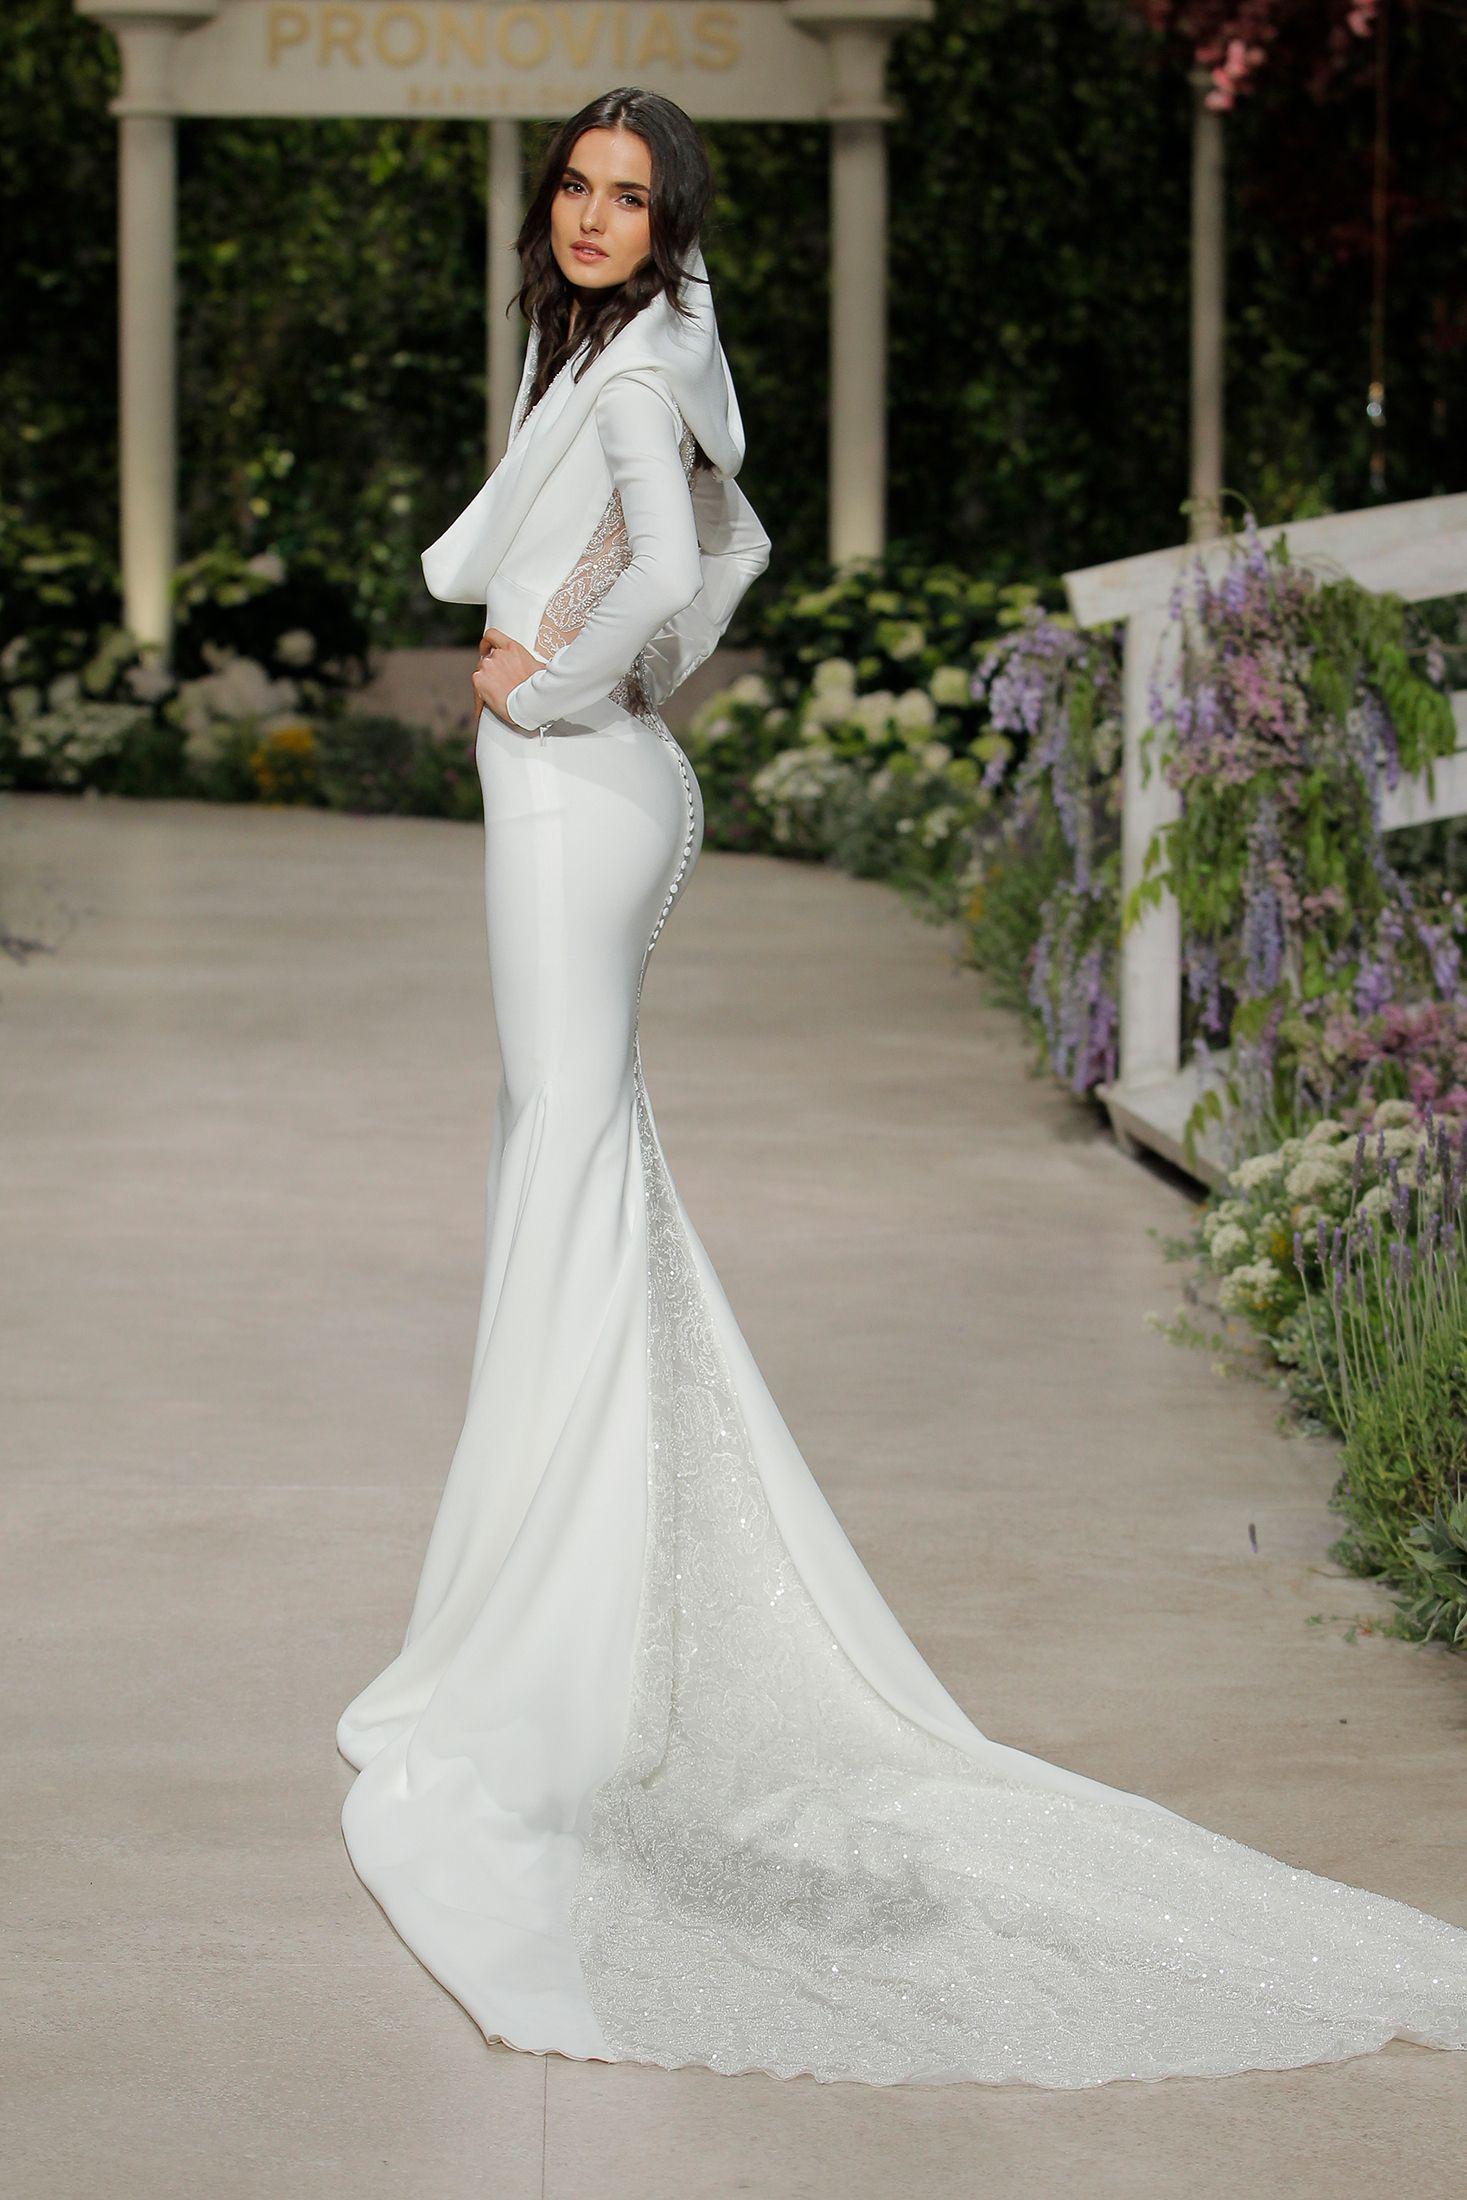 2739a8061 Vestido de Novia de Atelier Pronovias - PR 003  wedding  bodas  boda   bodasnet  decoración  decorationideas  decoration  weddings  inspiracion   inspiration ...